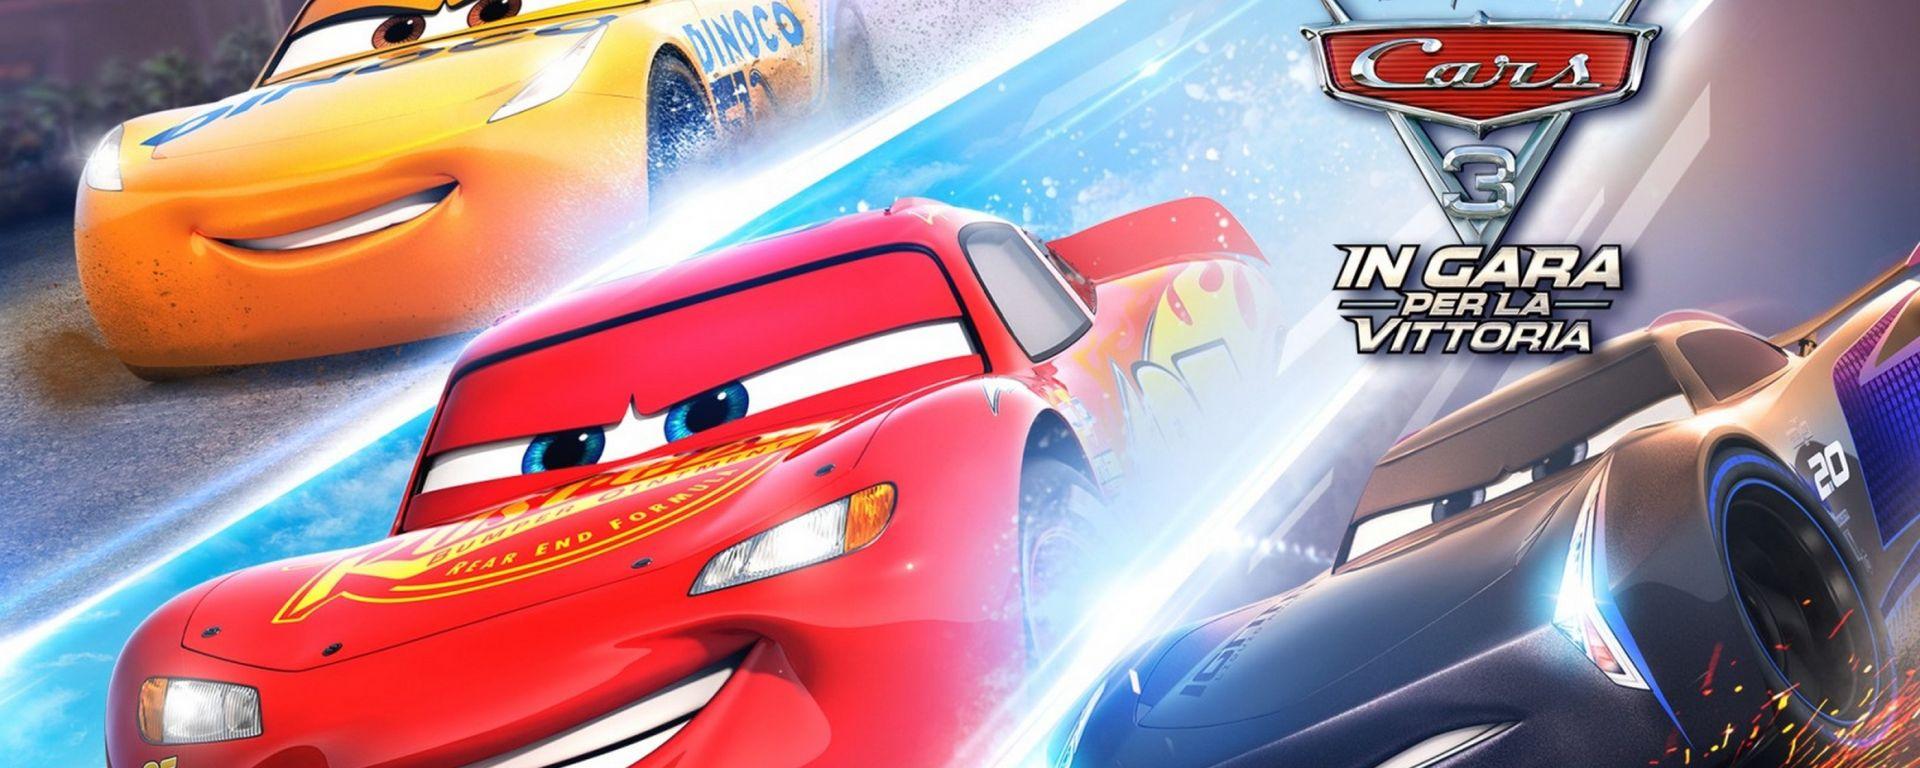 Cars 3 in gara per la vittoria: la recensione